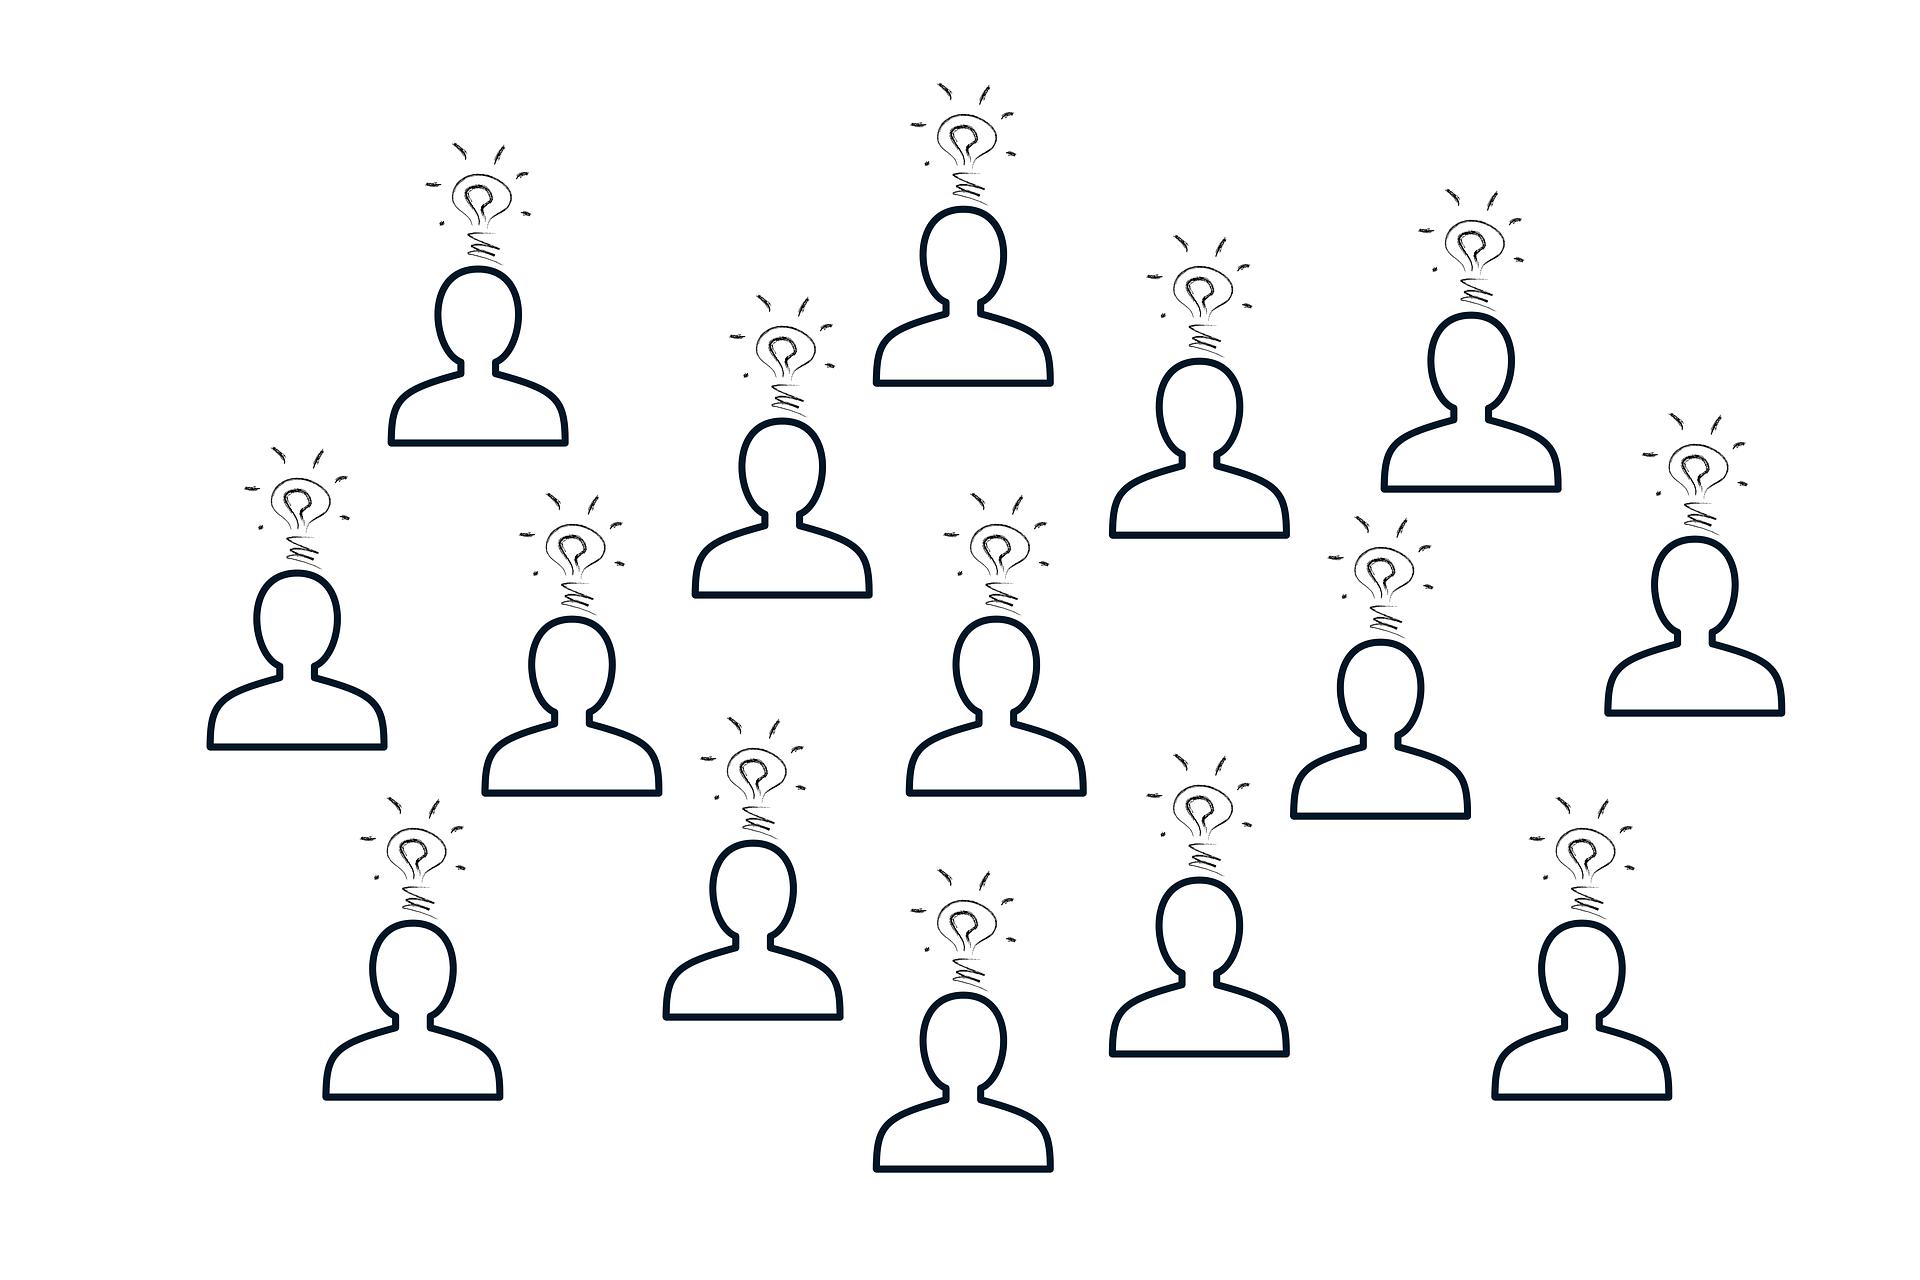 immagine rappresentativa delle idee da crowdfunding